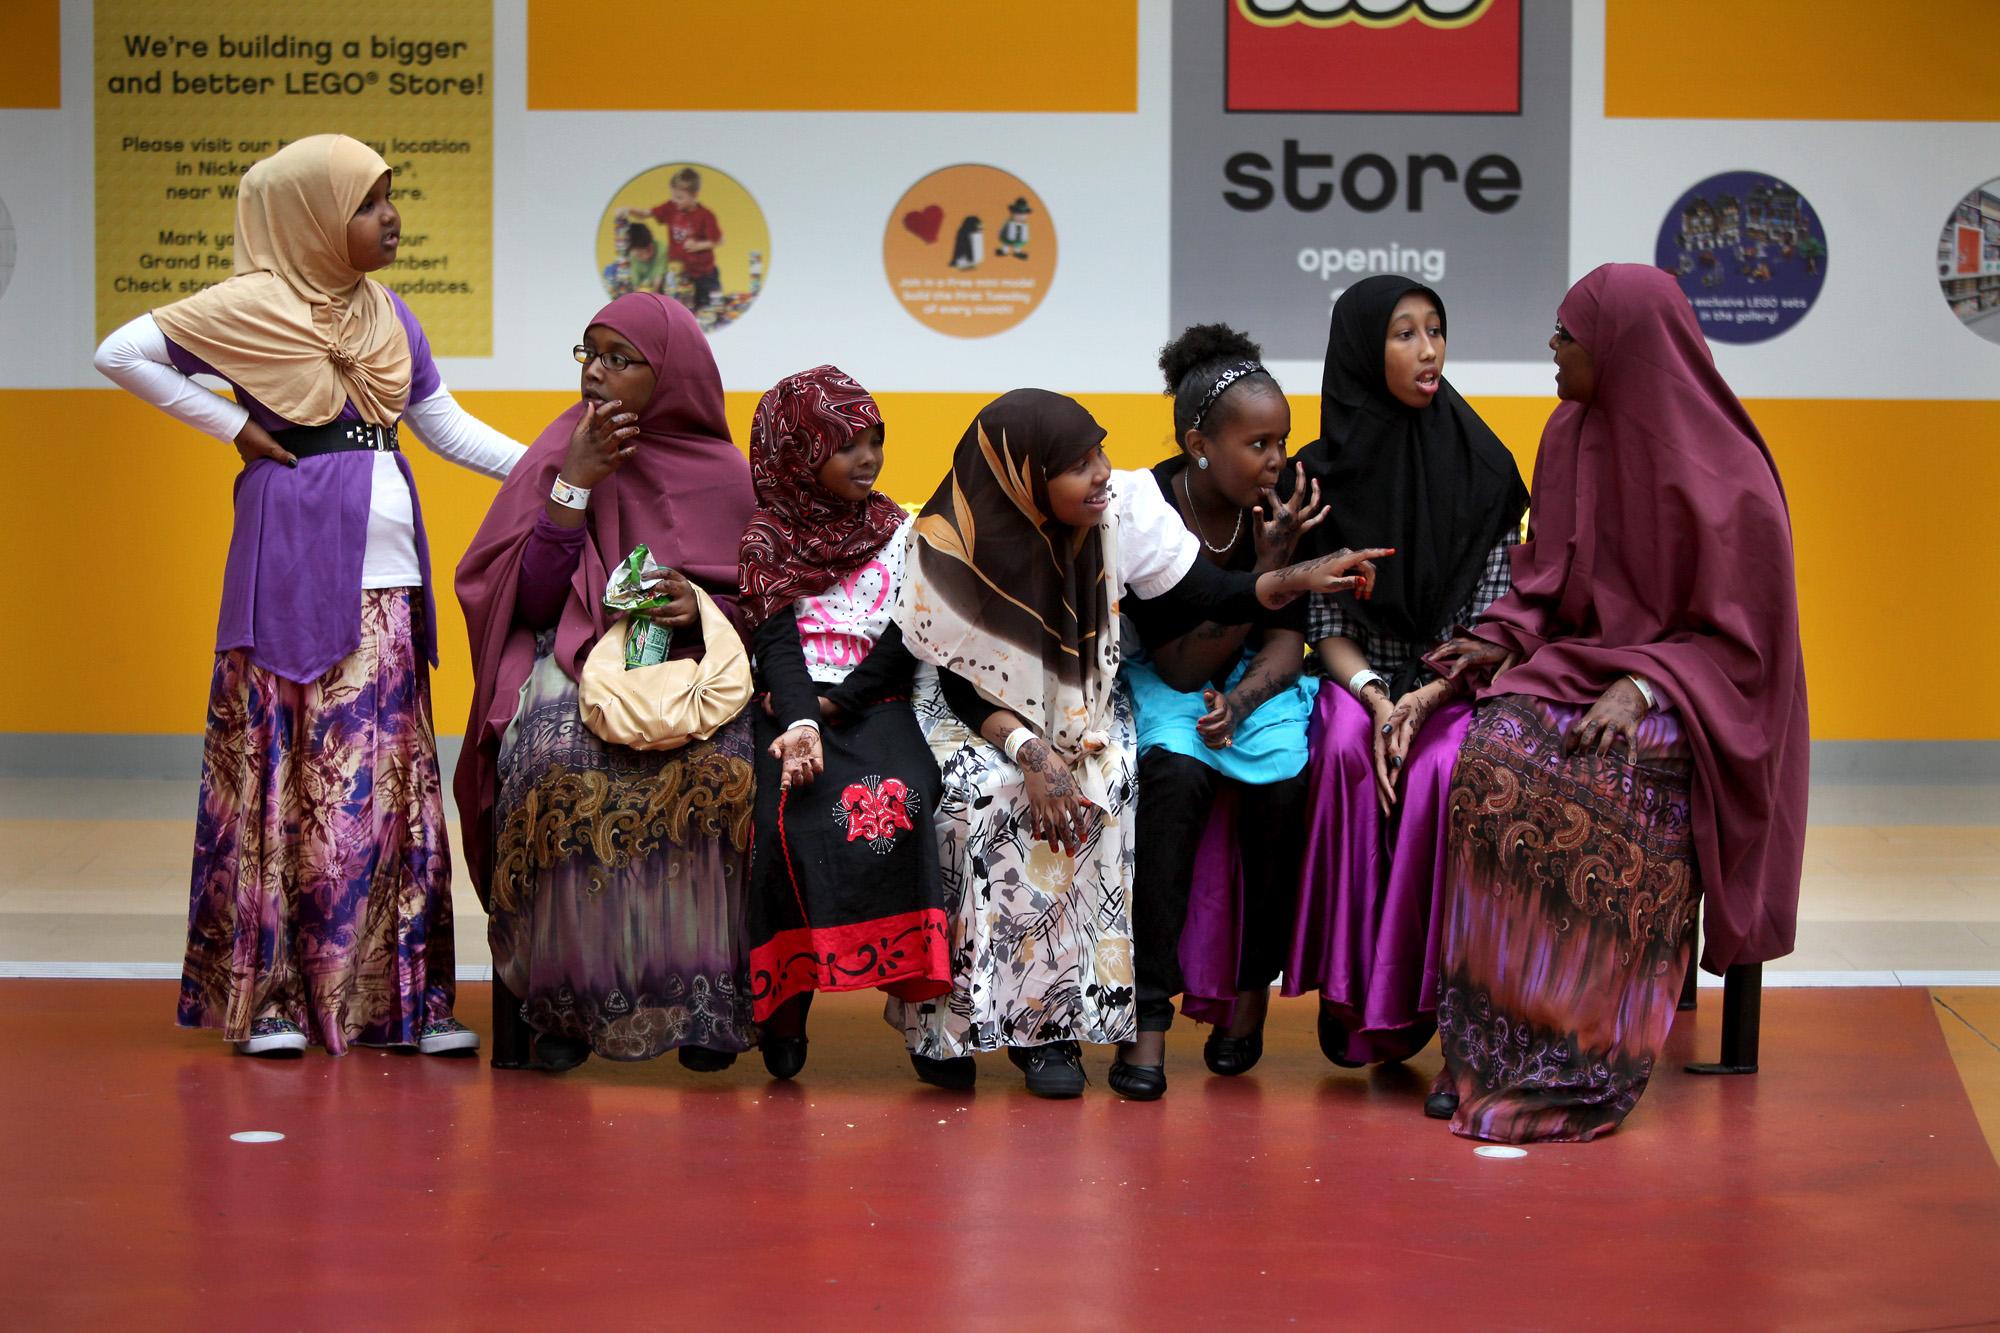 Des femmes et des filles vêtues de robes et de voiles, assises, en train de discuter. (© AP Images)